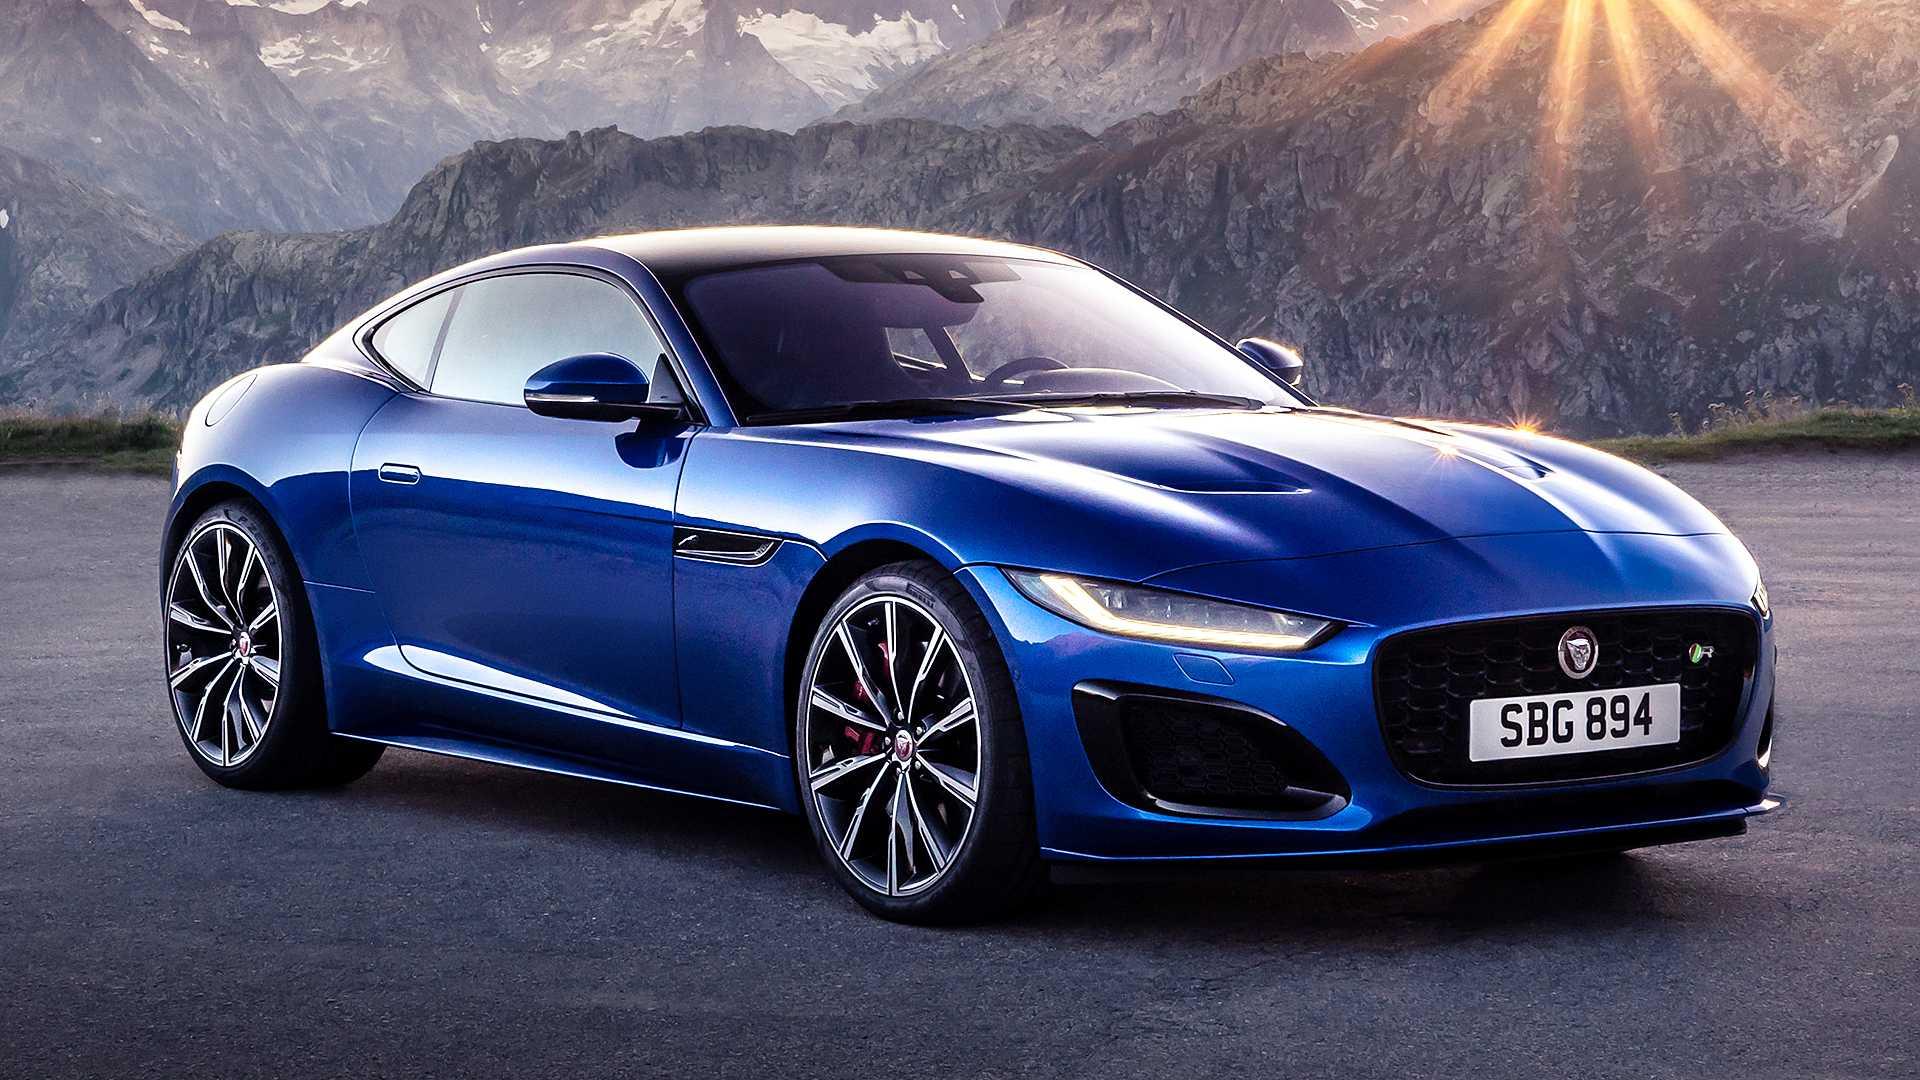 У нардепов обнаружили Tesla, Ferrari и Maserati: кто из Рады ездит на суперкарах 3